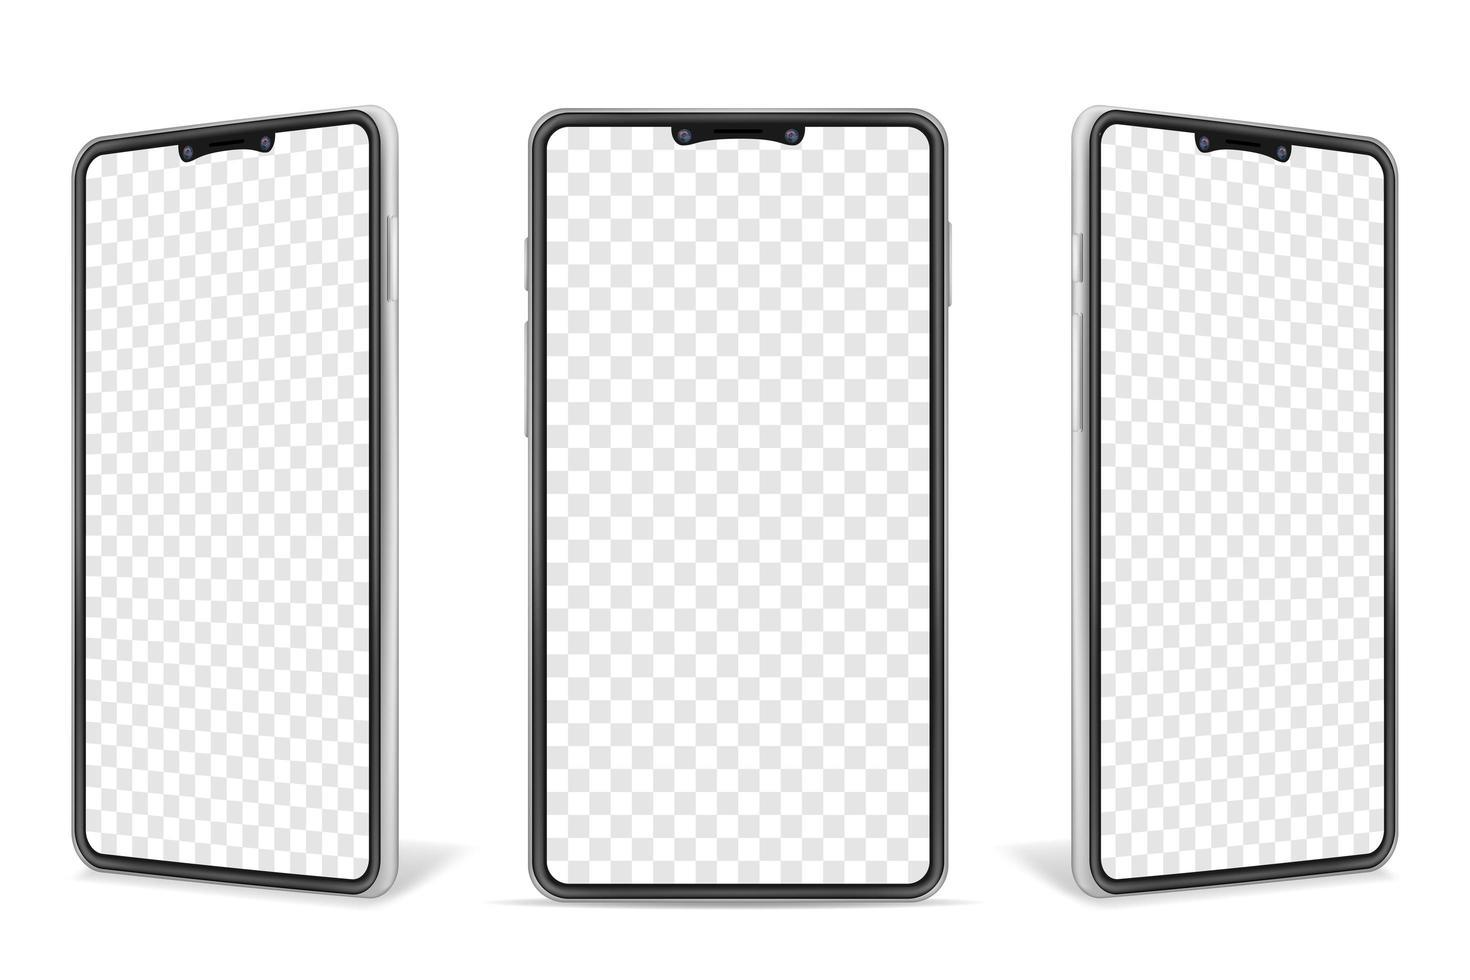 realistische smartphone lege mock-up set vector